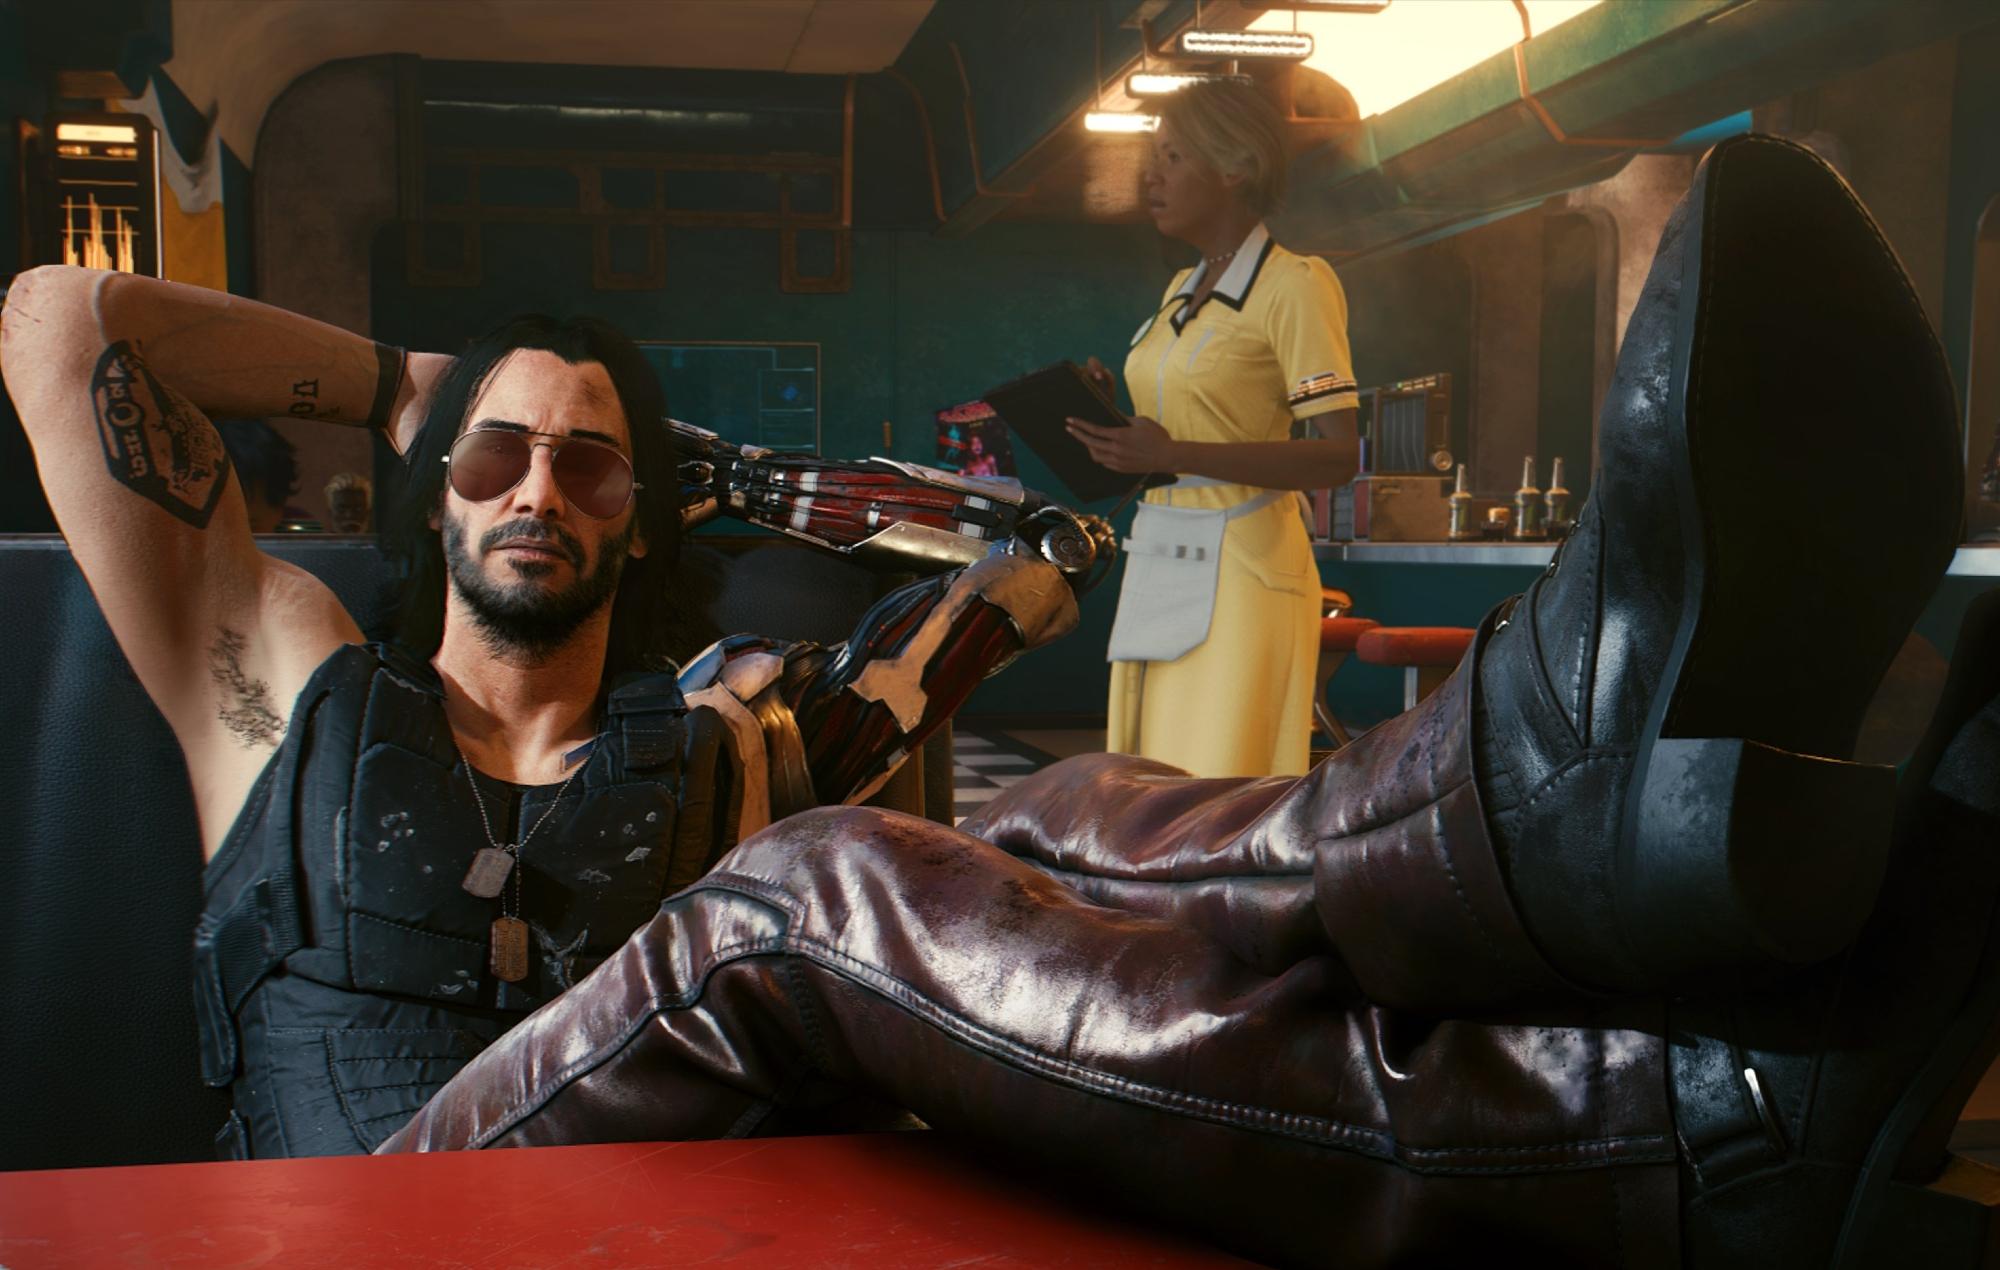 Microsoft предупредила игроков о возможных проблемах с производительностью Cyberpunk 2077 на Xbox One